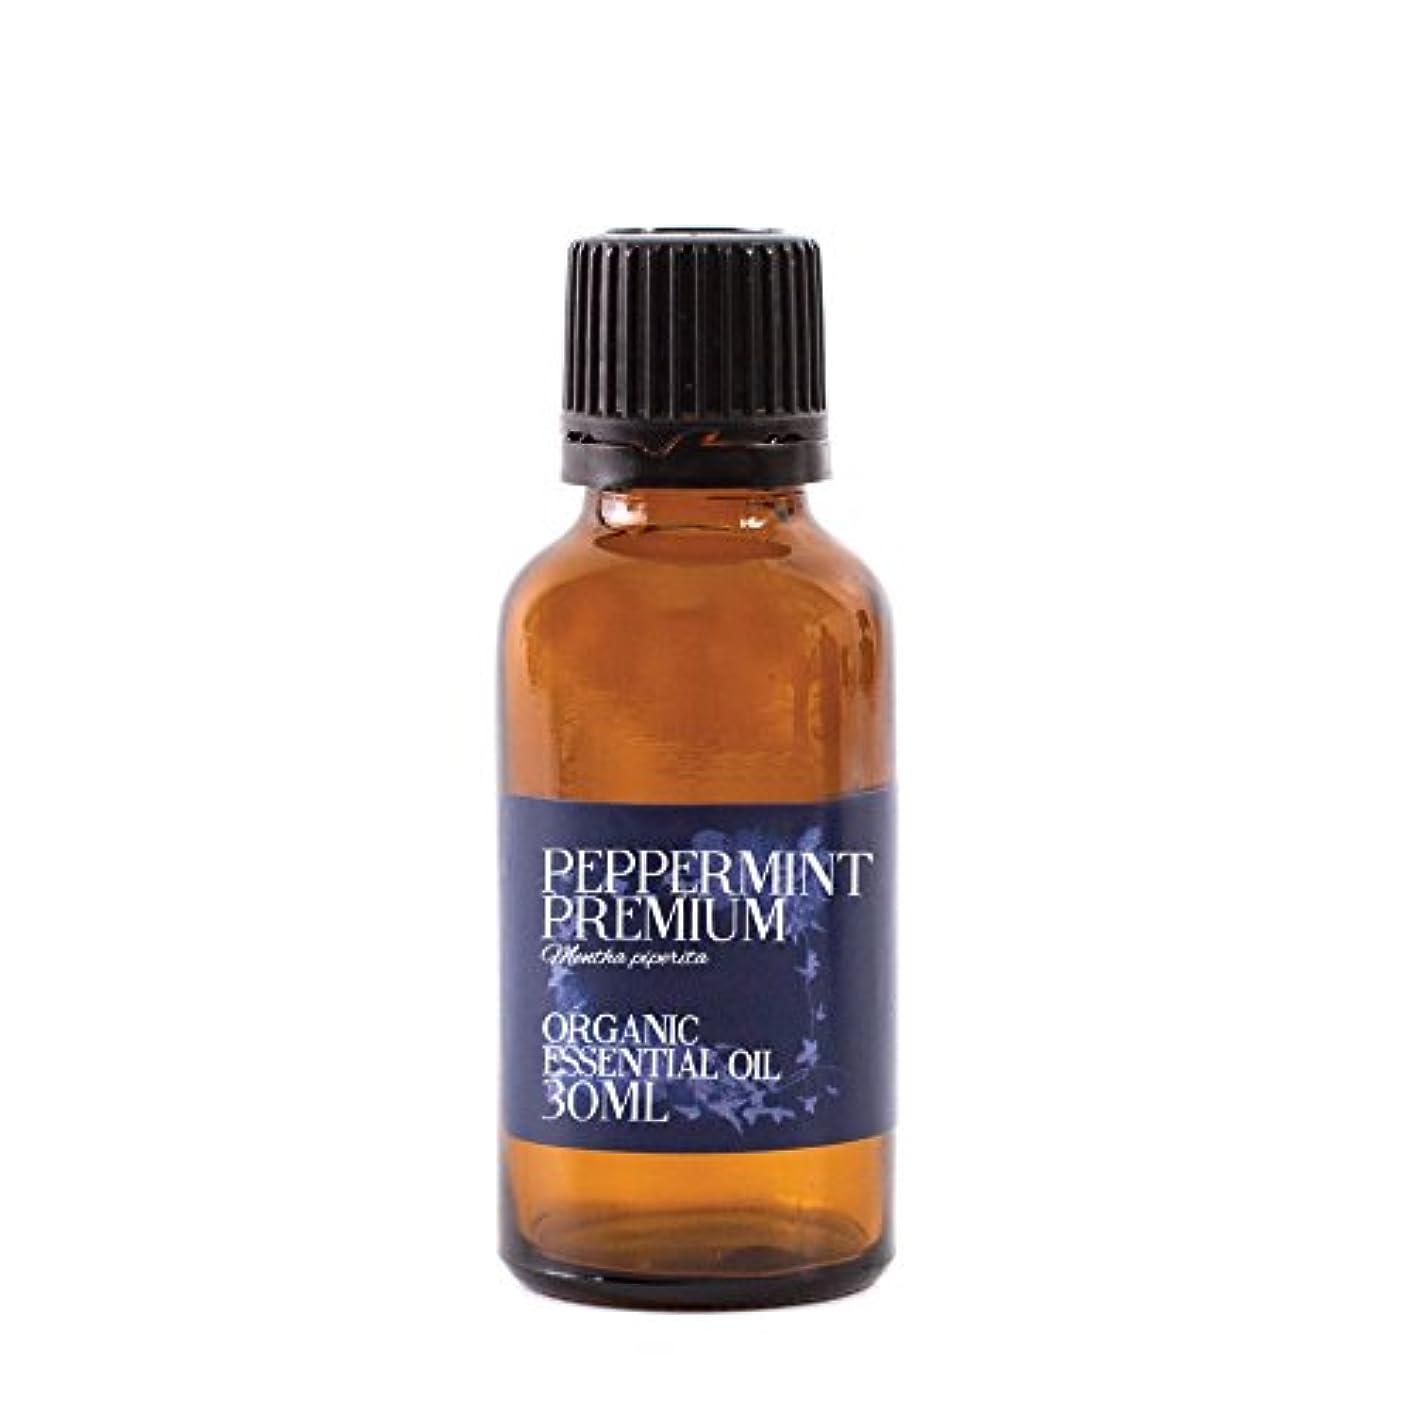 東部試してみる洞察力のあるMystic Moments | Peppermint Premium Organic Essential Oil - 30ml - 100% Pure